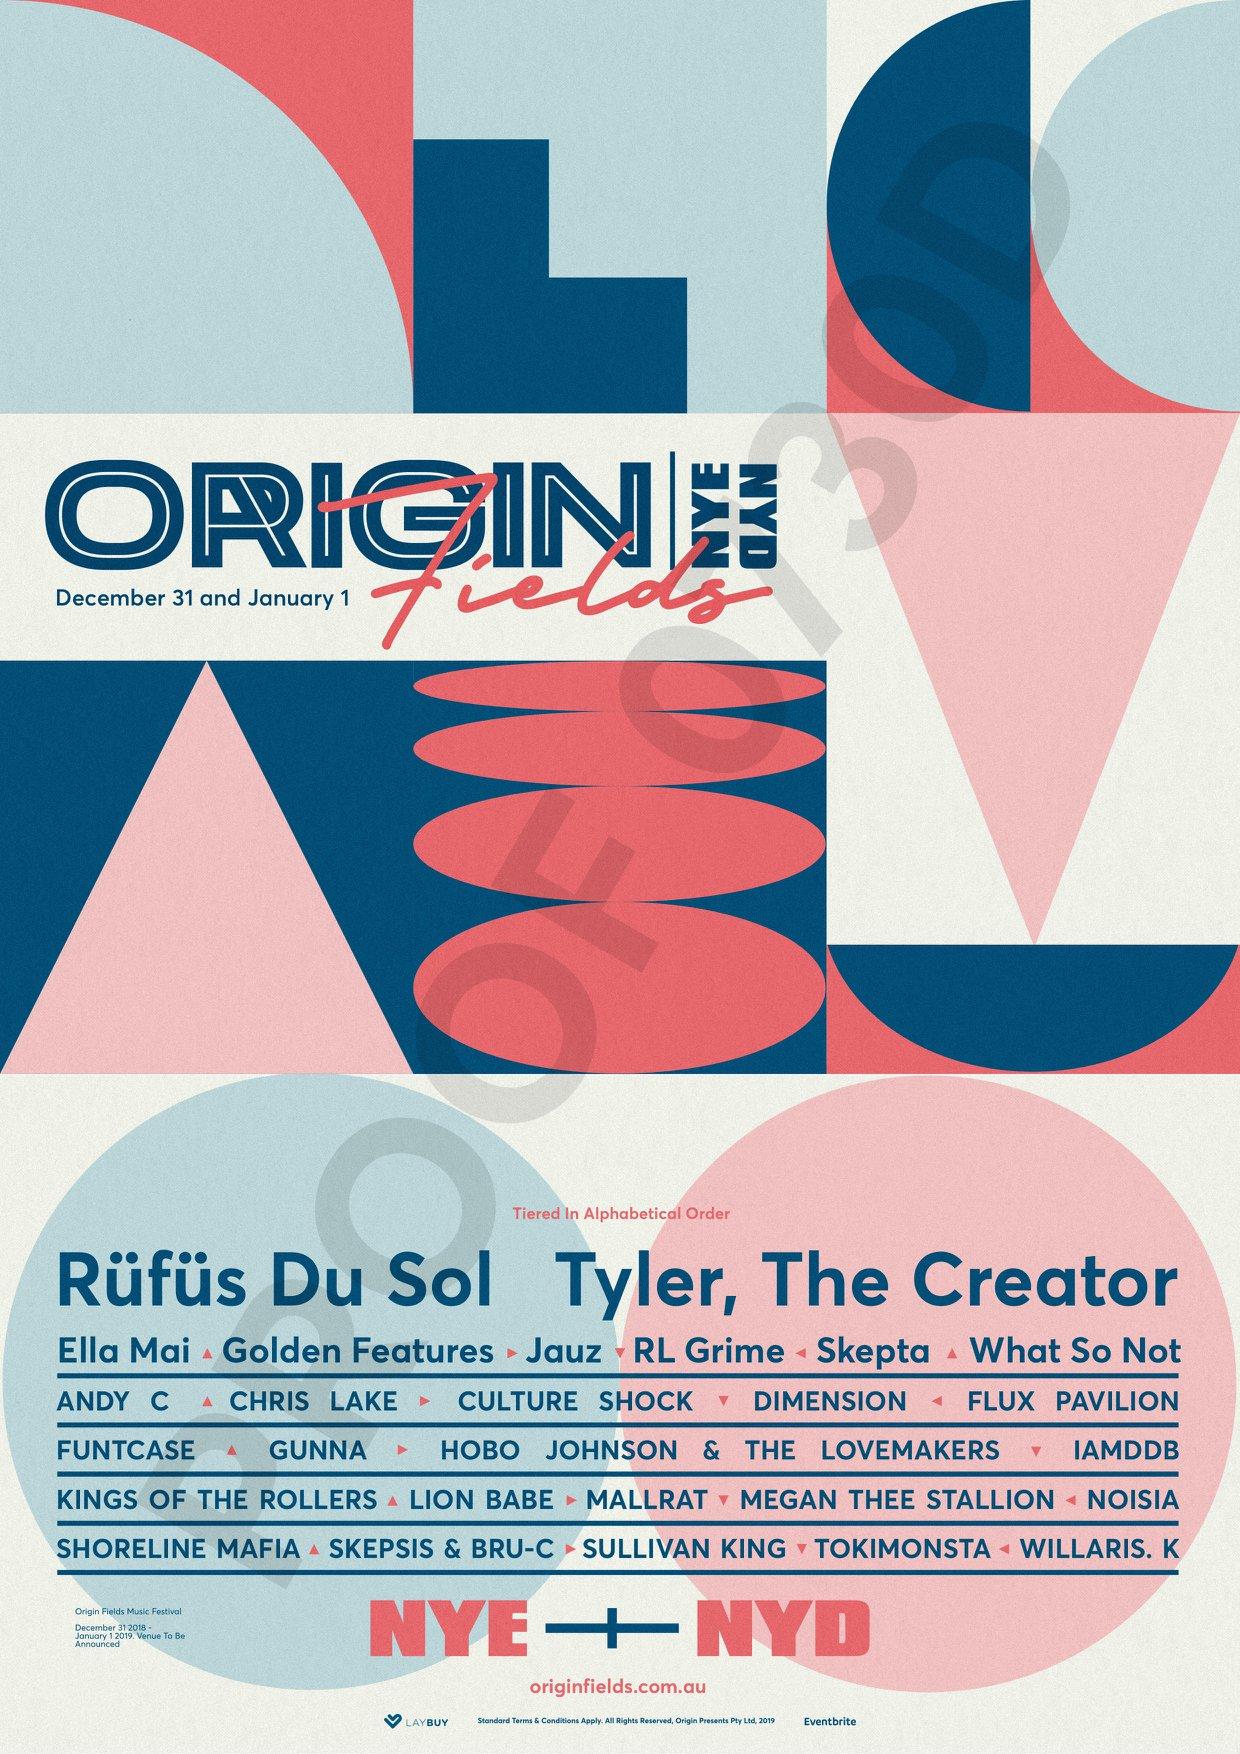 Origin Fields.jpg